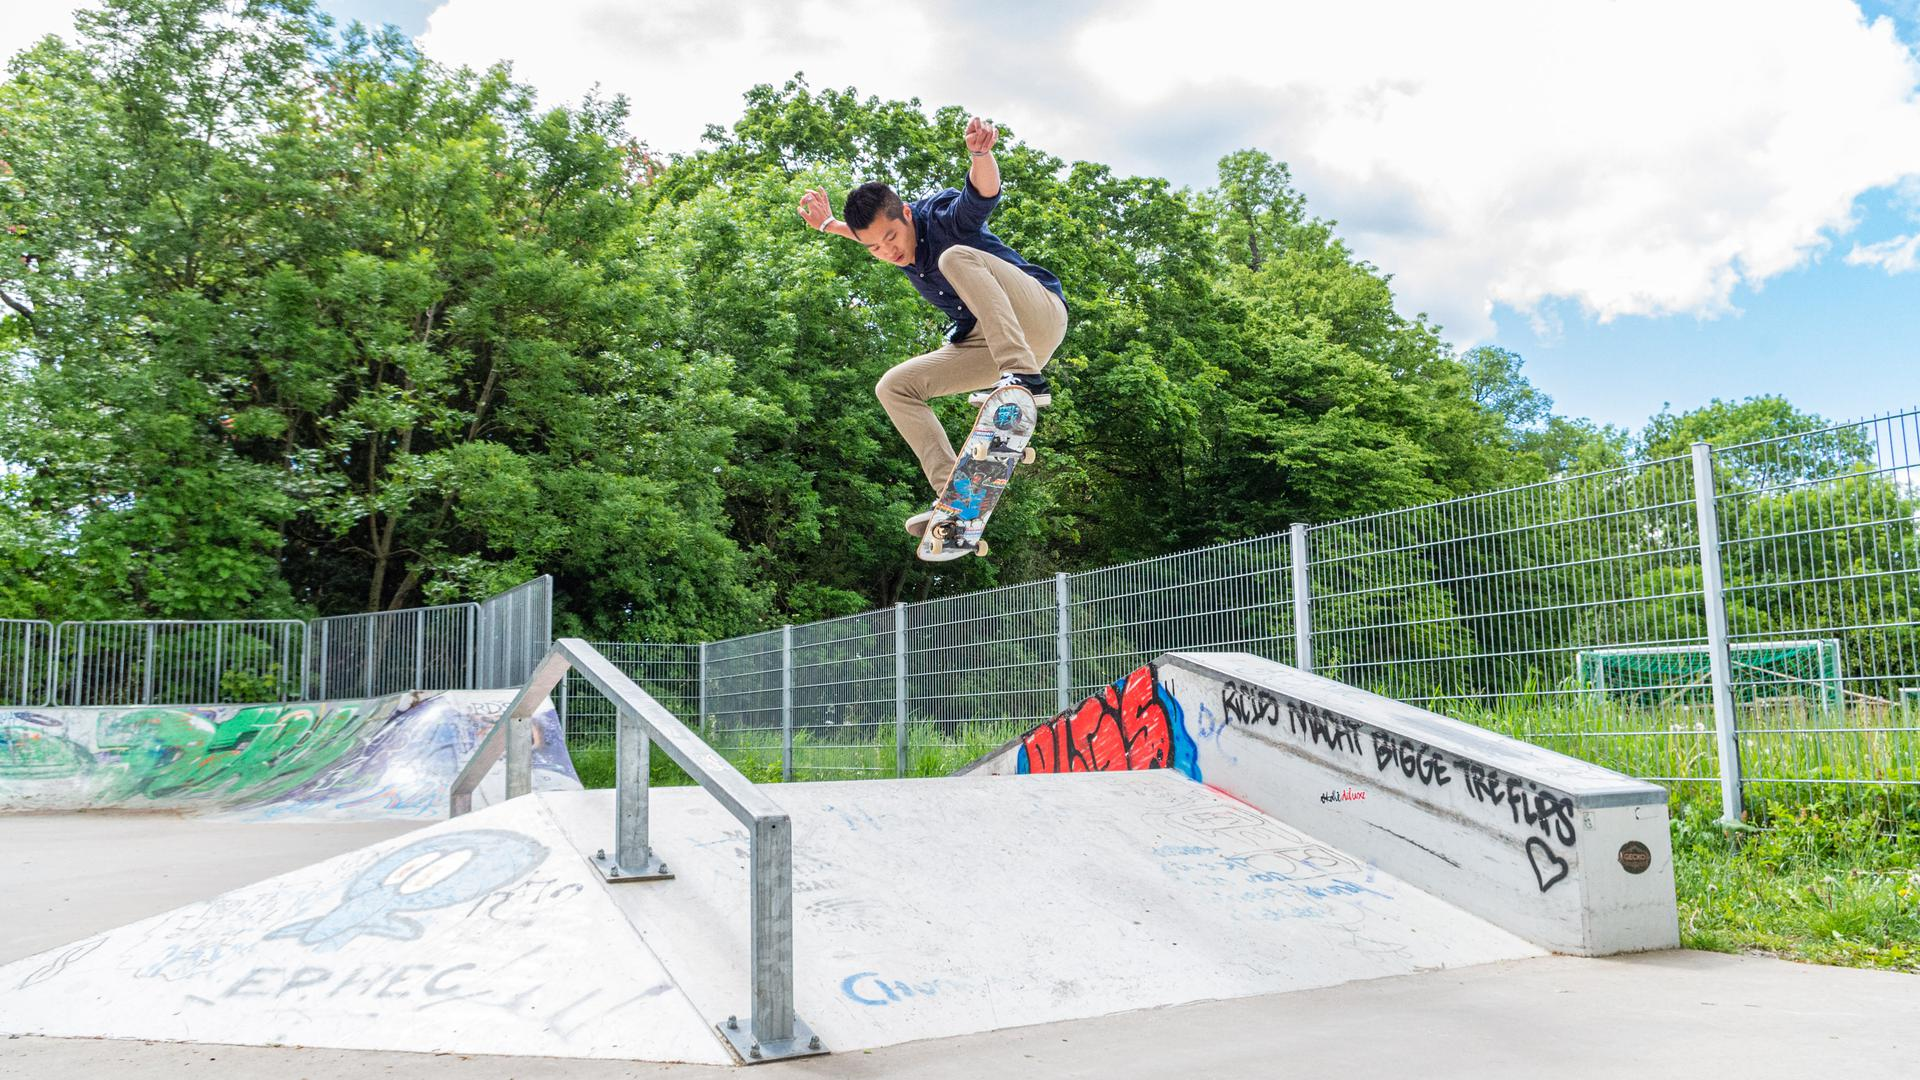 Ein junger Mann springt mit einem Skateboard über eine Rampe.